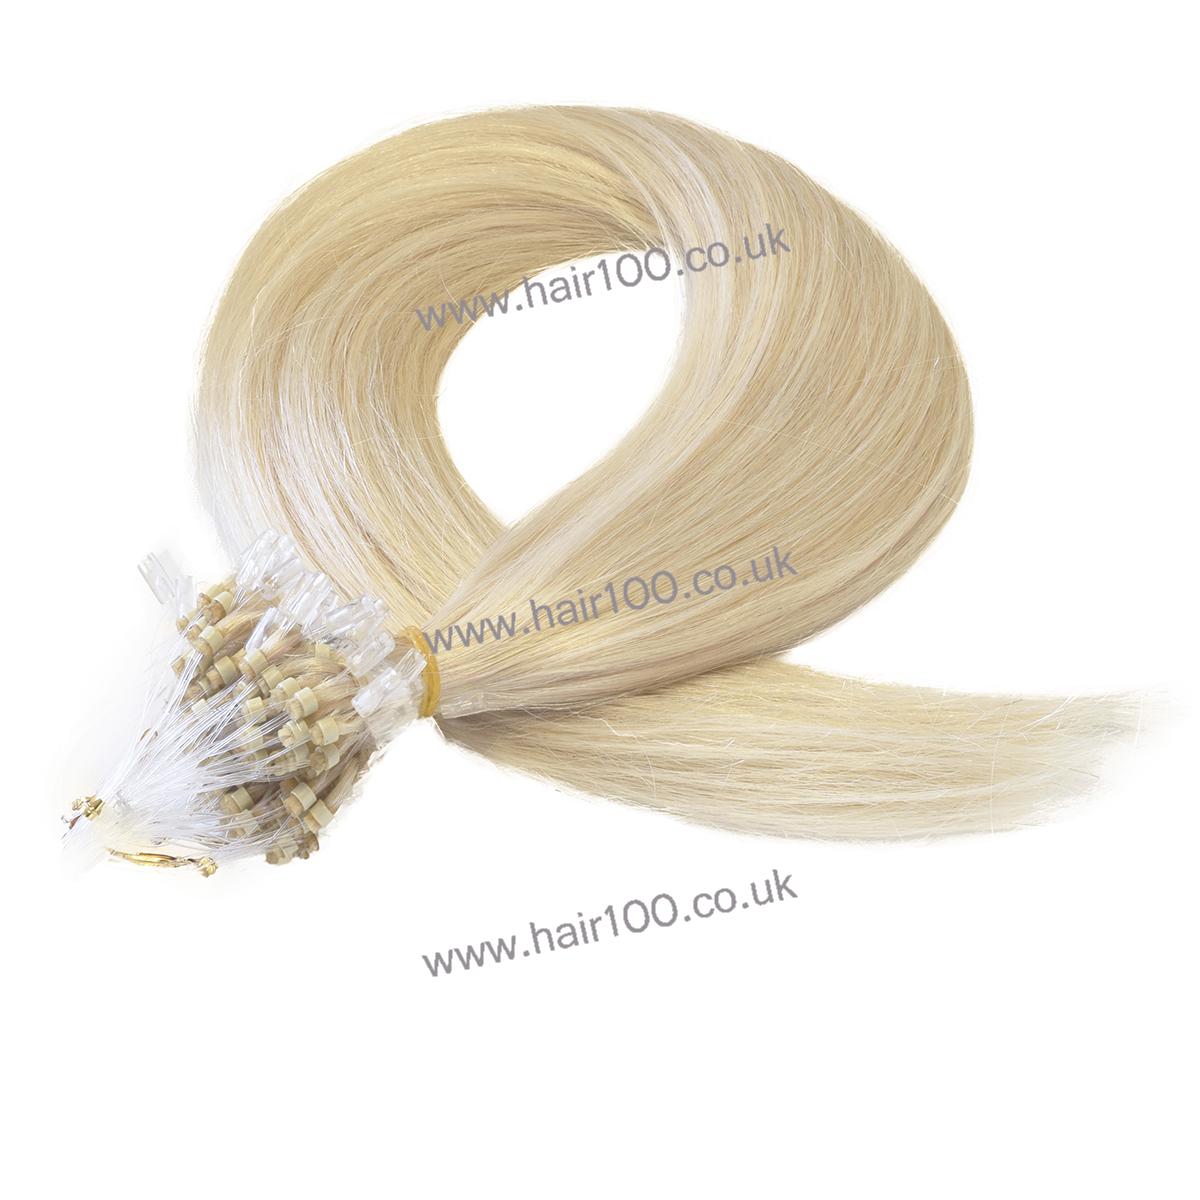 hair100 micro loop ring hair extensions -613